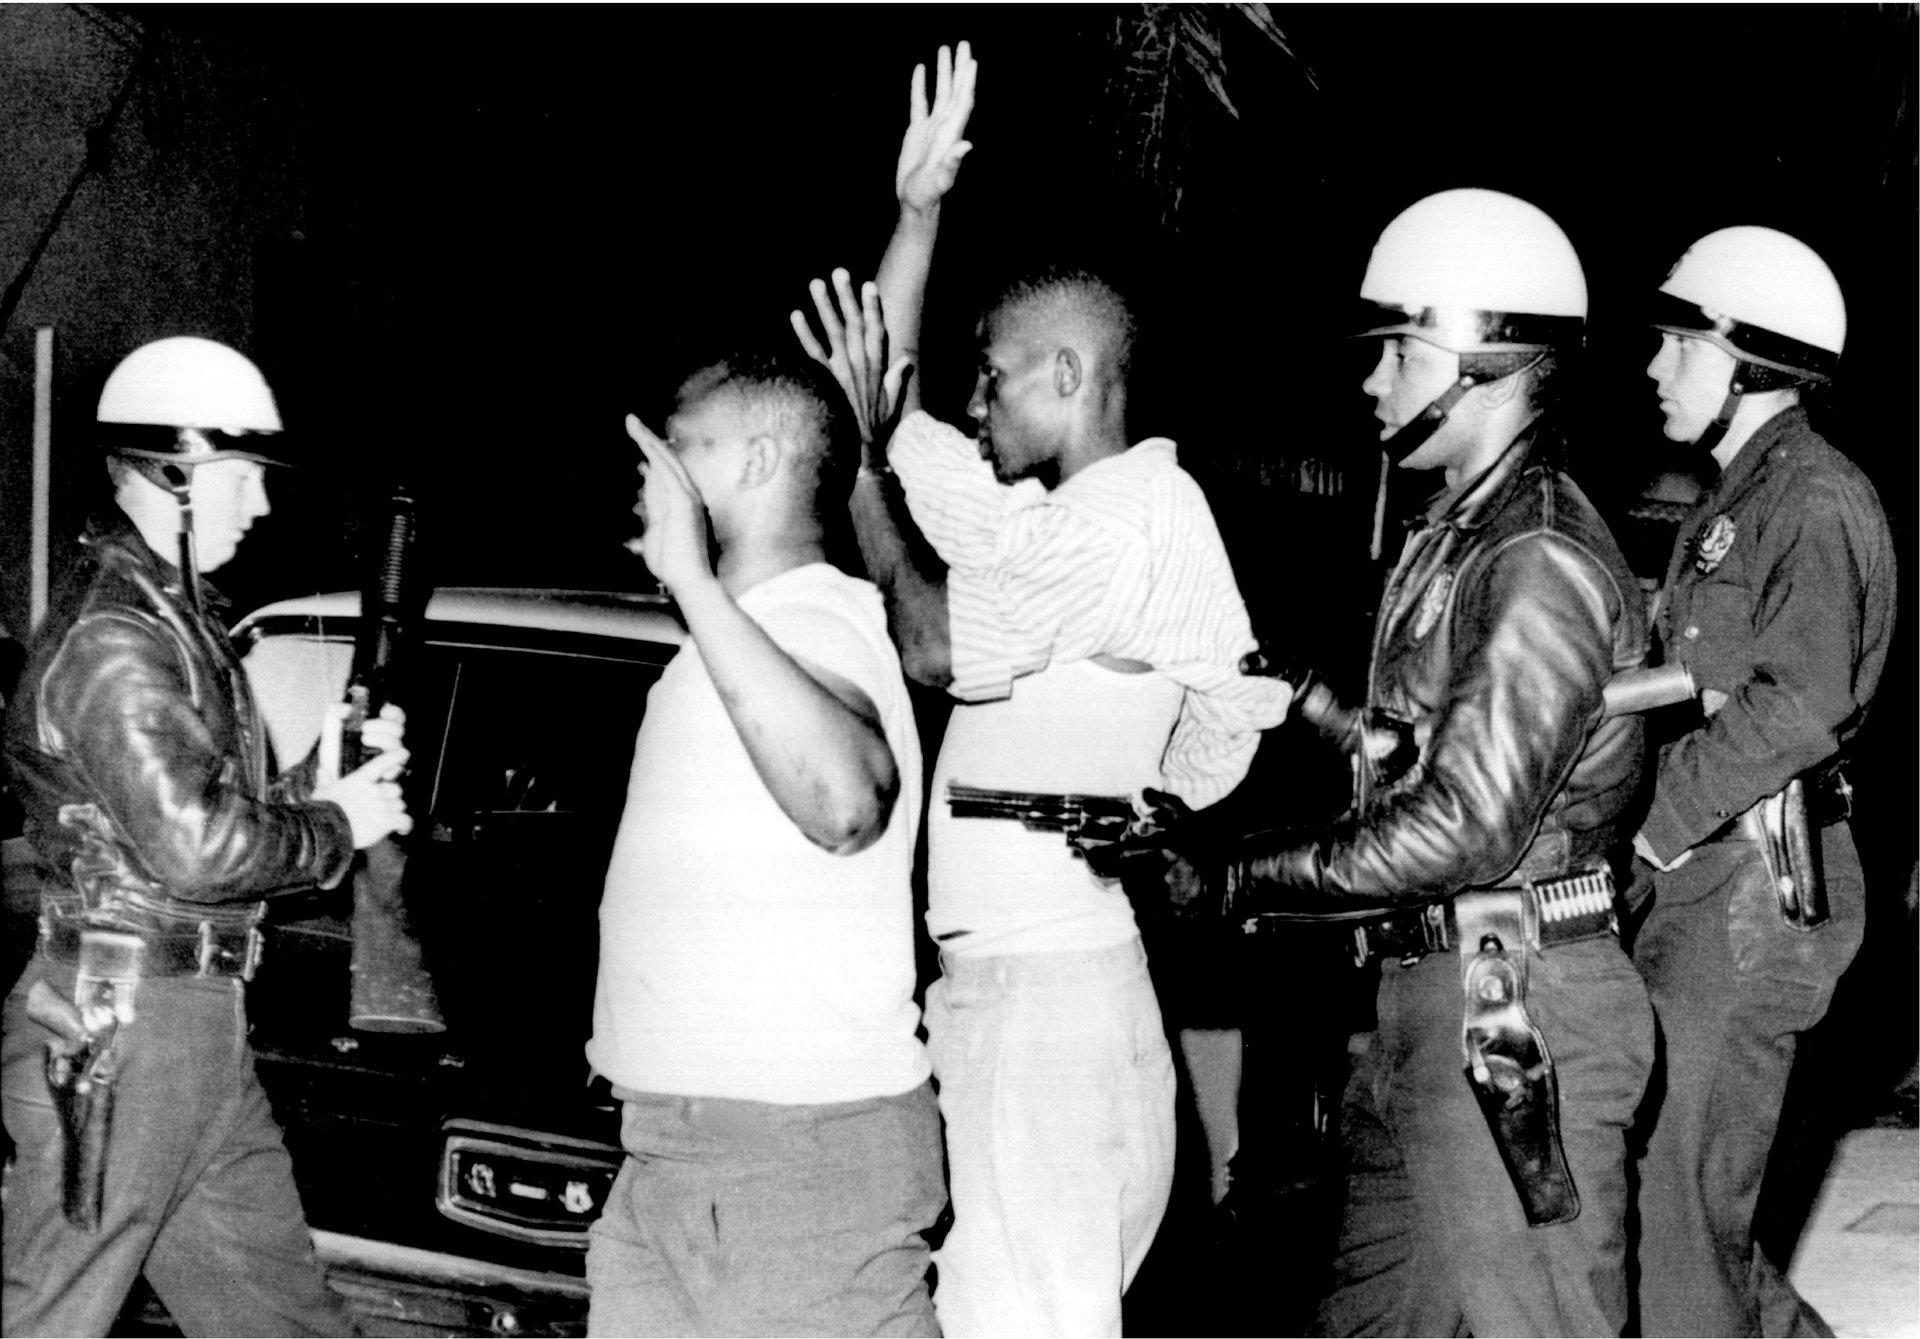 Polizeigewalt ist kein neues Thema. Diese Aufnahme stammt aus dem Jahr 1965 und entstand bei Unruhen in Los Angeles